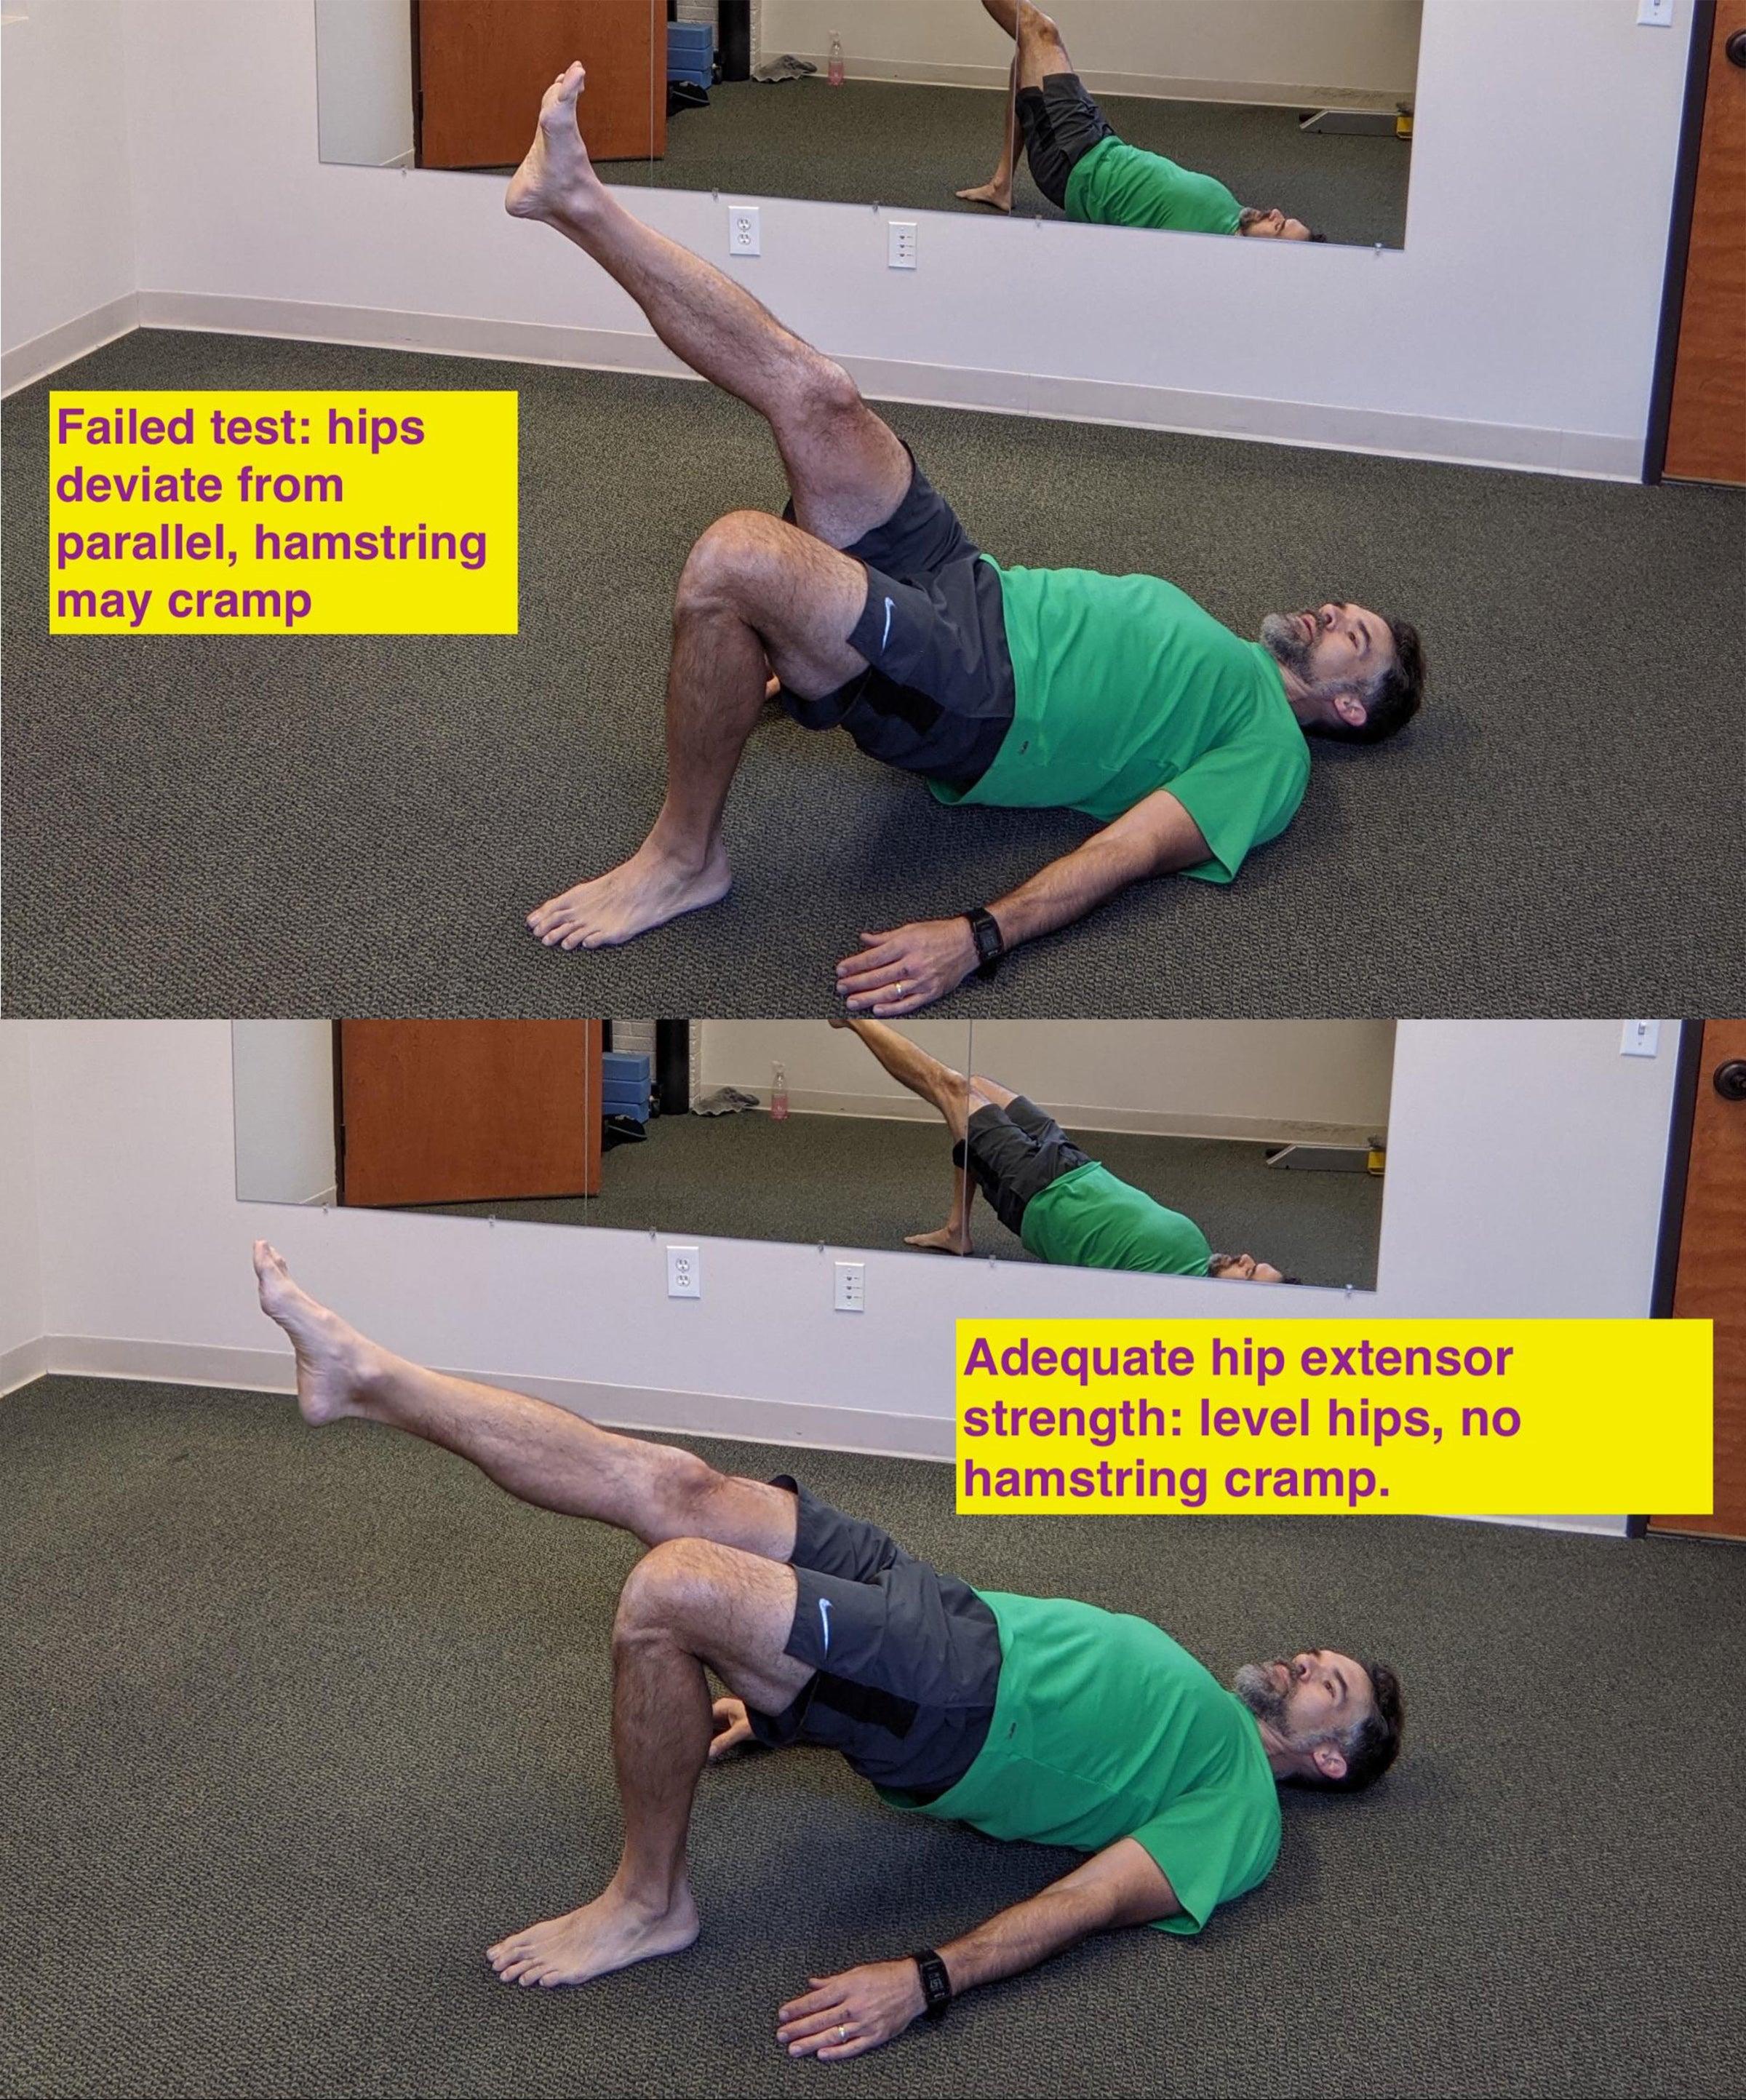 Hip extensor strength assessment